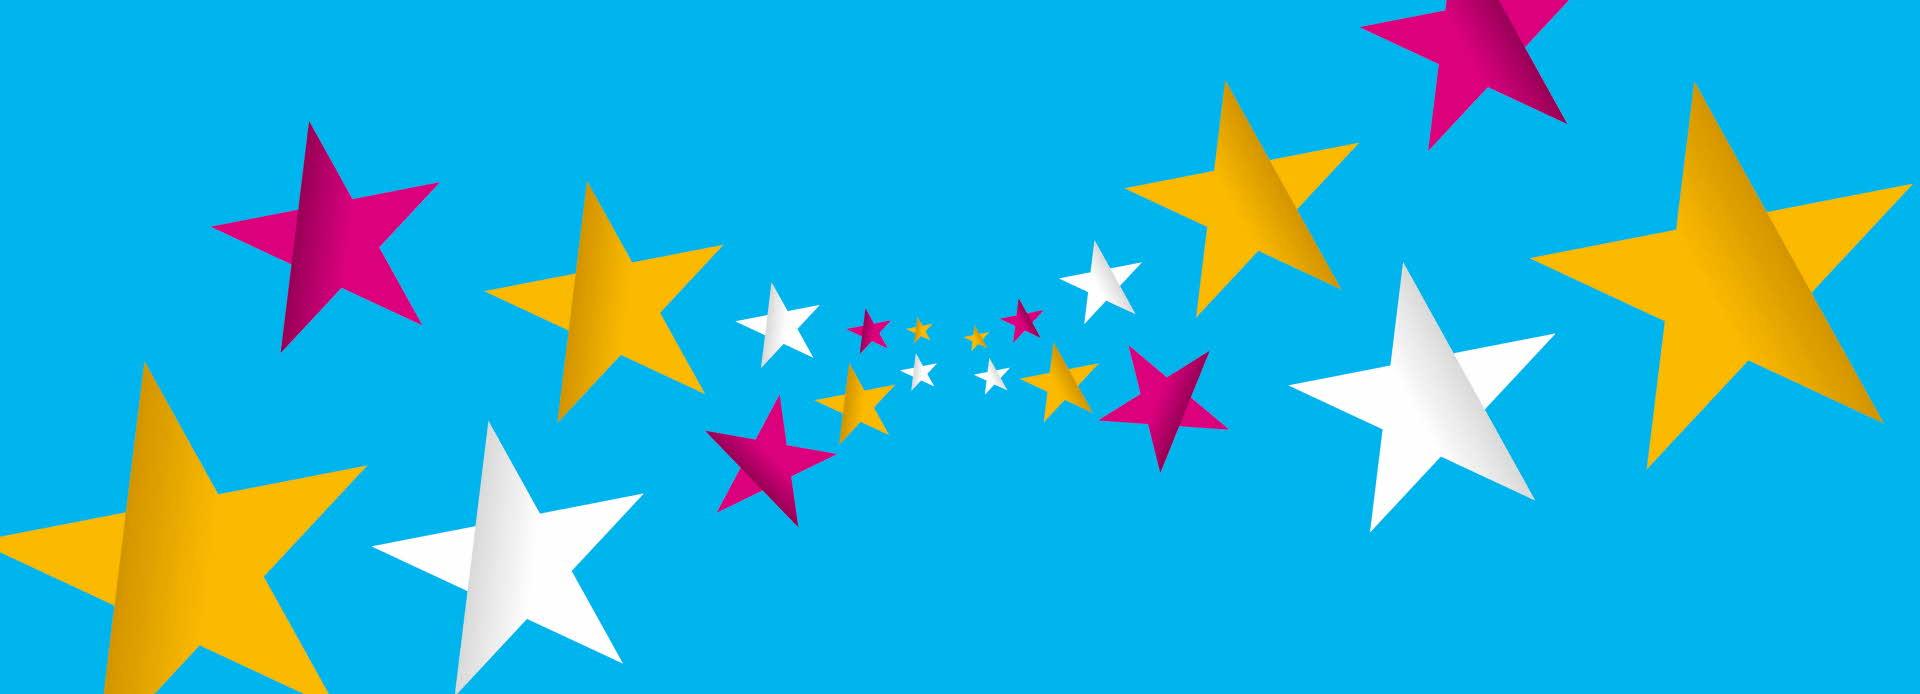 Blå, stripete bakgrunn med rosa, hvite og gule stjerner